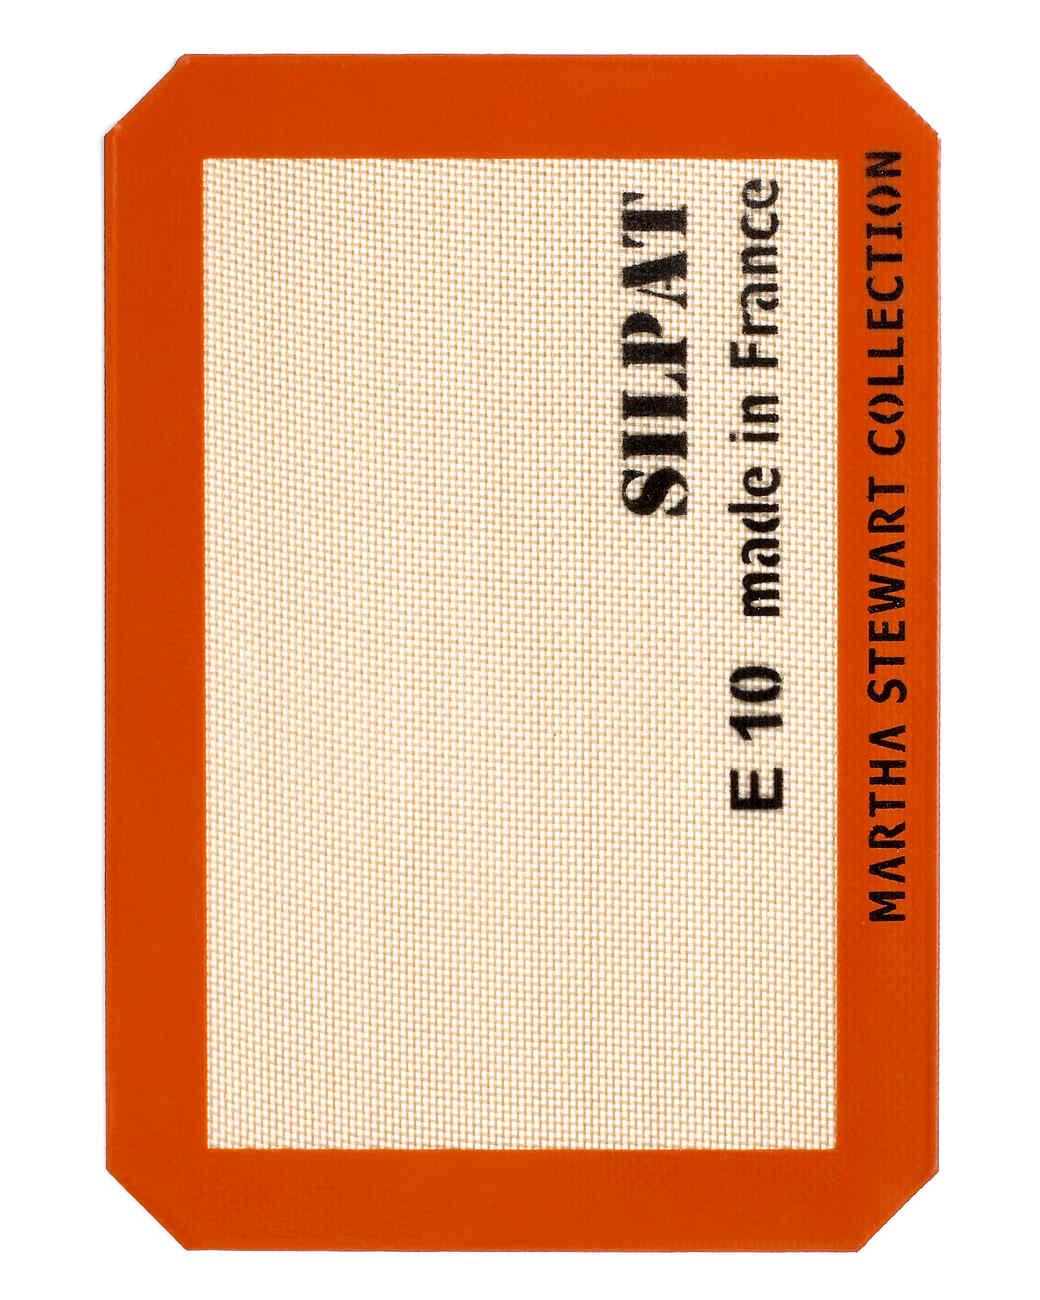 msmacys-silpat-retail-0514.jpg